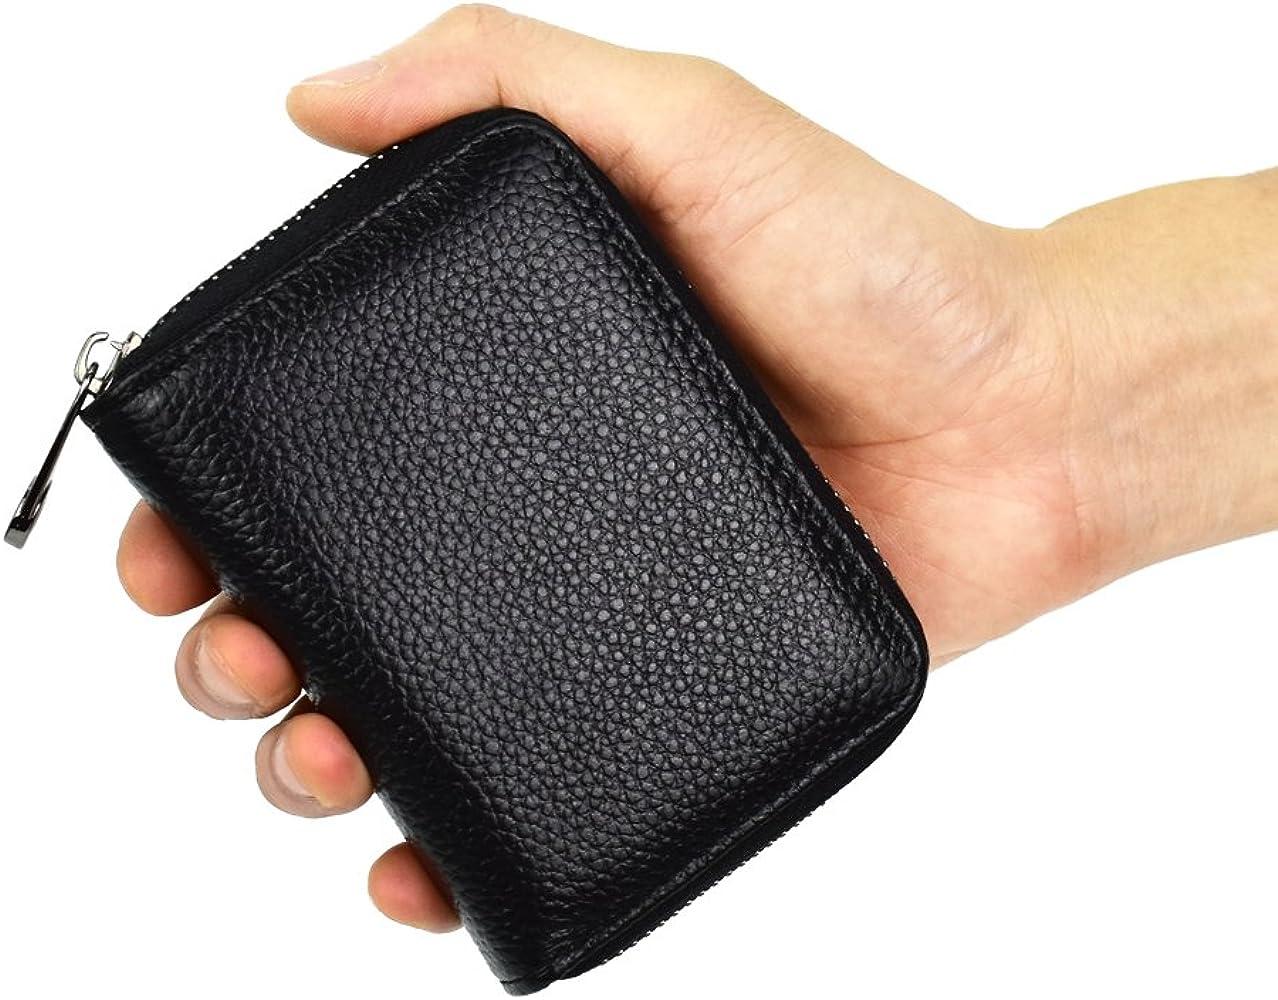 bac4beb36435 Lacheln RFID Blocking Credit Card Organizer Wallet Genuine Leather ...